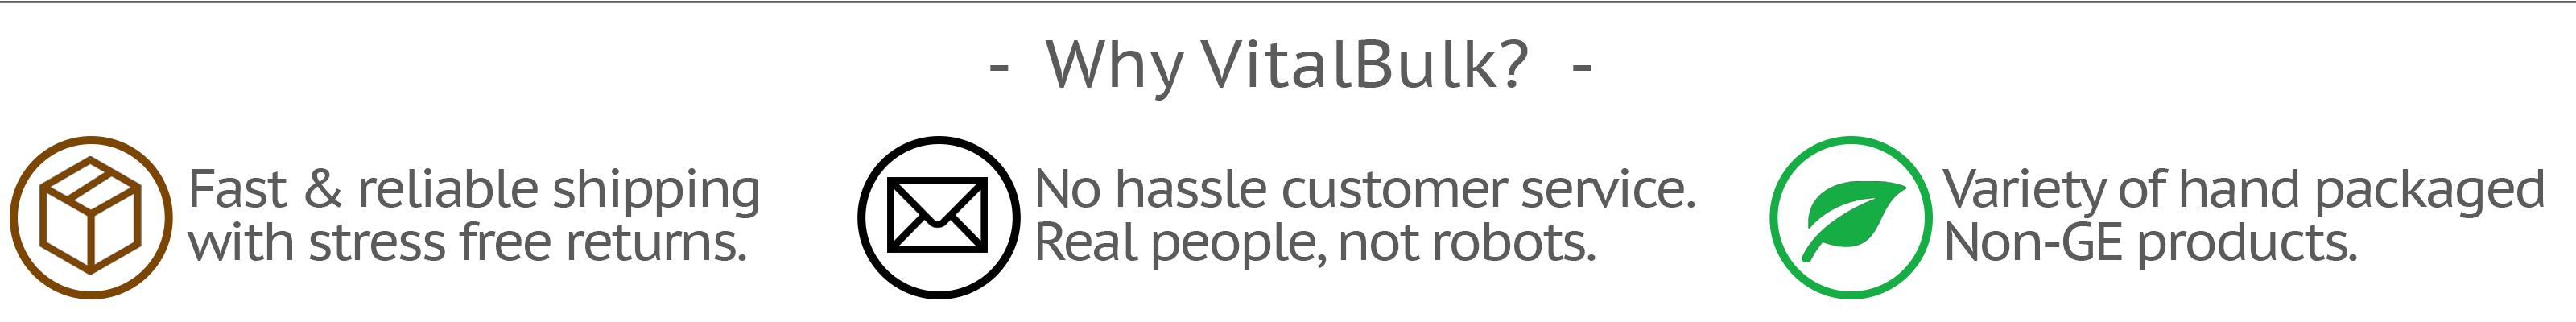 why-vitalbulk.png